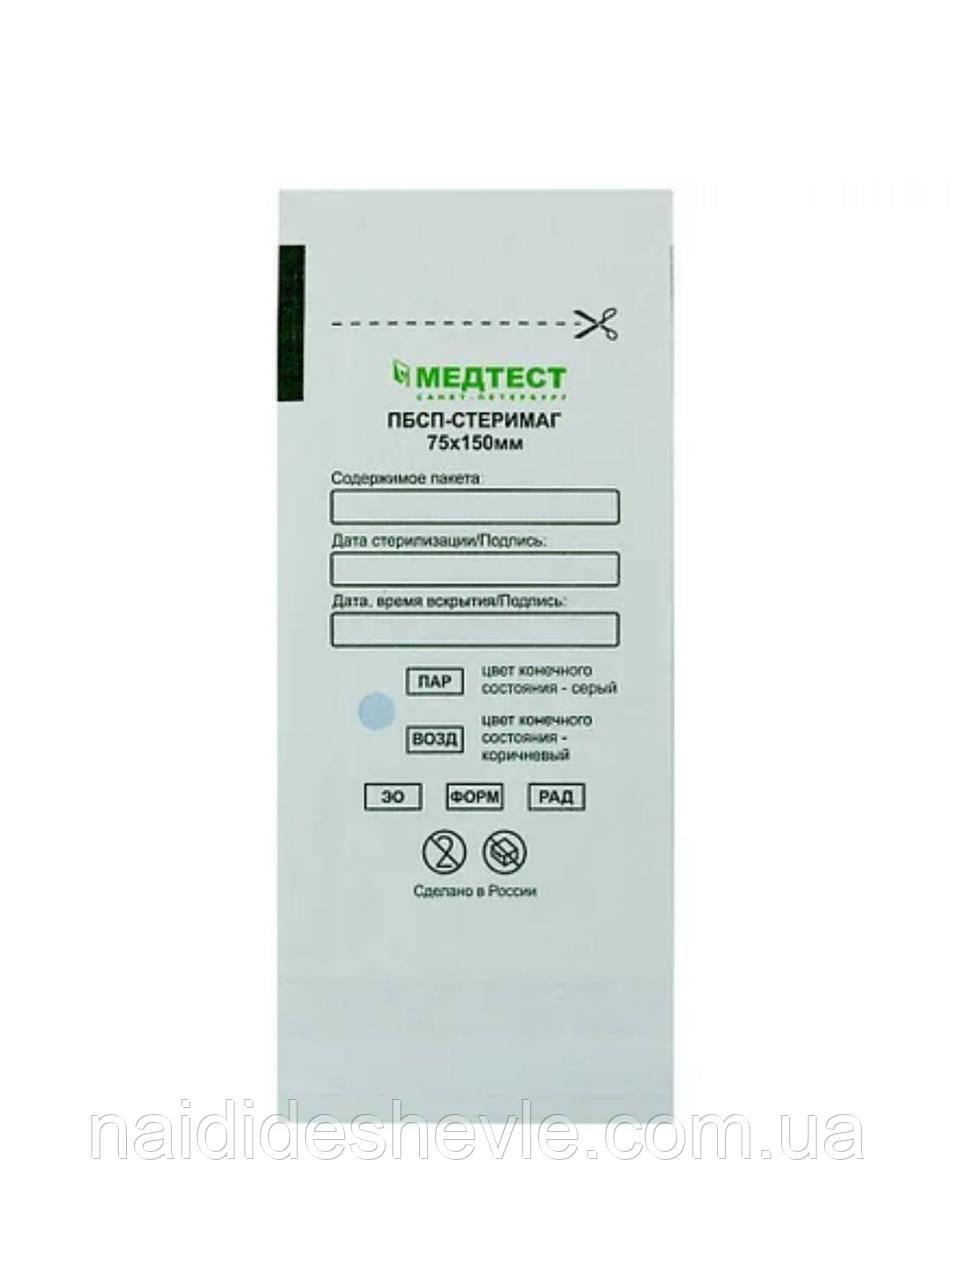 """Крафт пакеты """"Медтест"""" для стерилизации, 75х150 мм. (Белый)"""